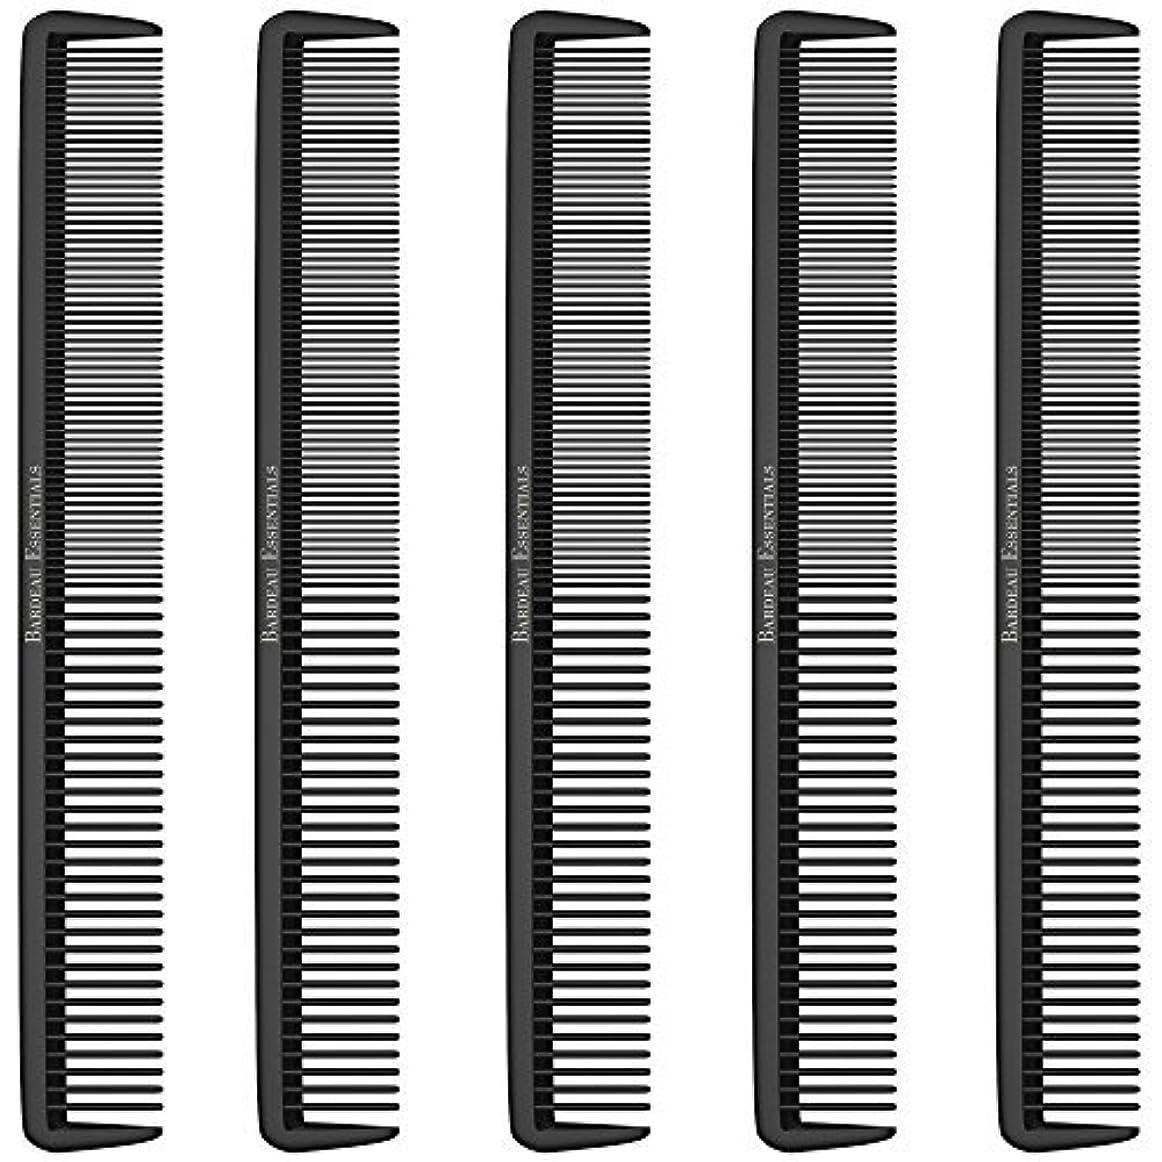 レーニン主義オズワルド連想Styling Comb (5 Pack) - Professional 8.75  Black Carbon Fiber Anti Static Chemical And Heat Resistant Hair Combs...